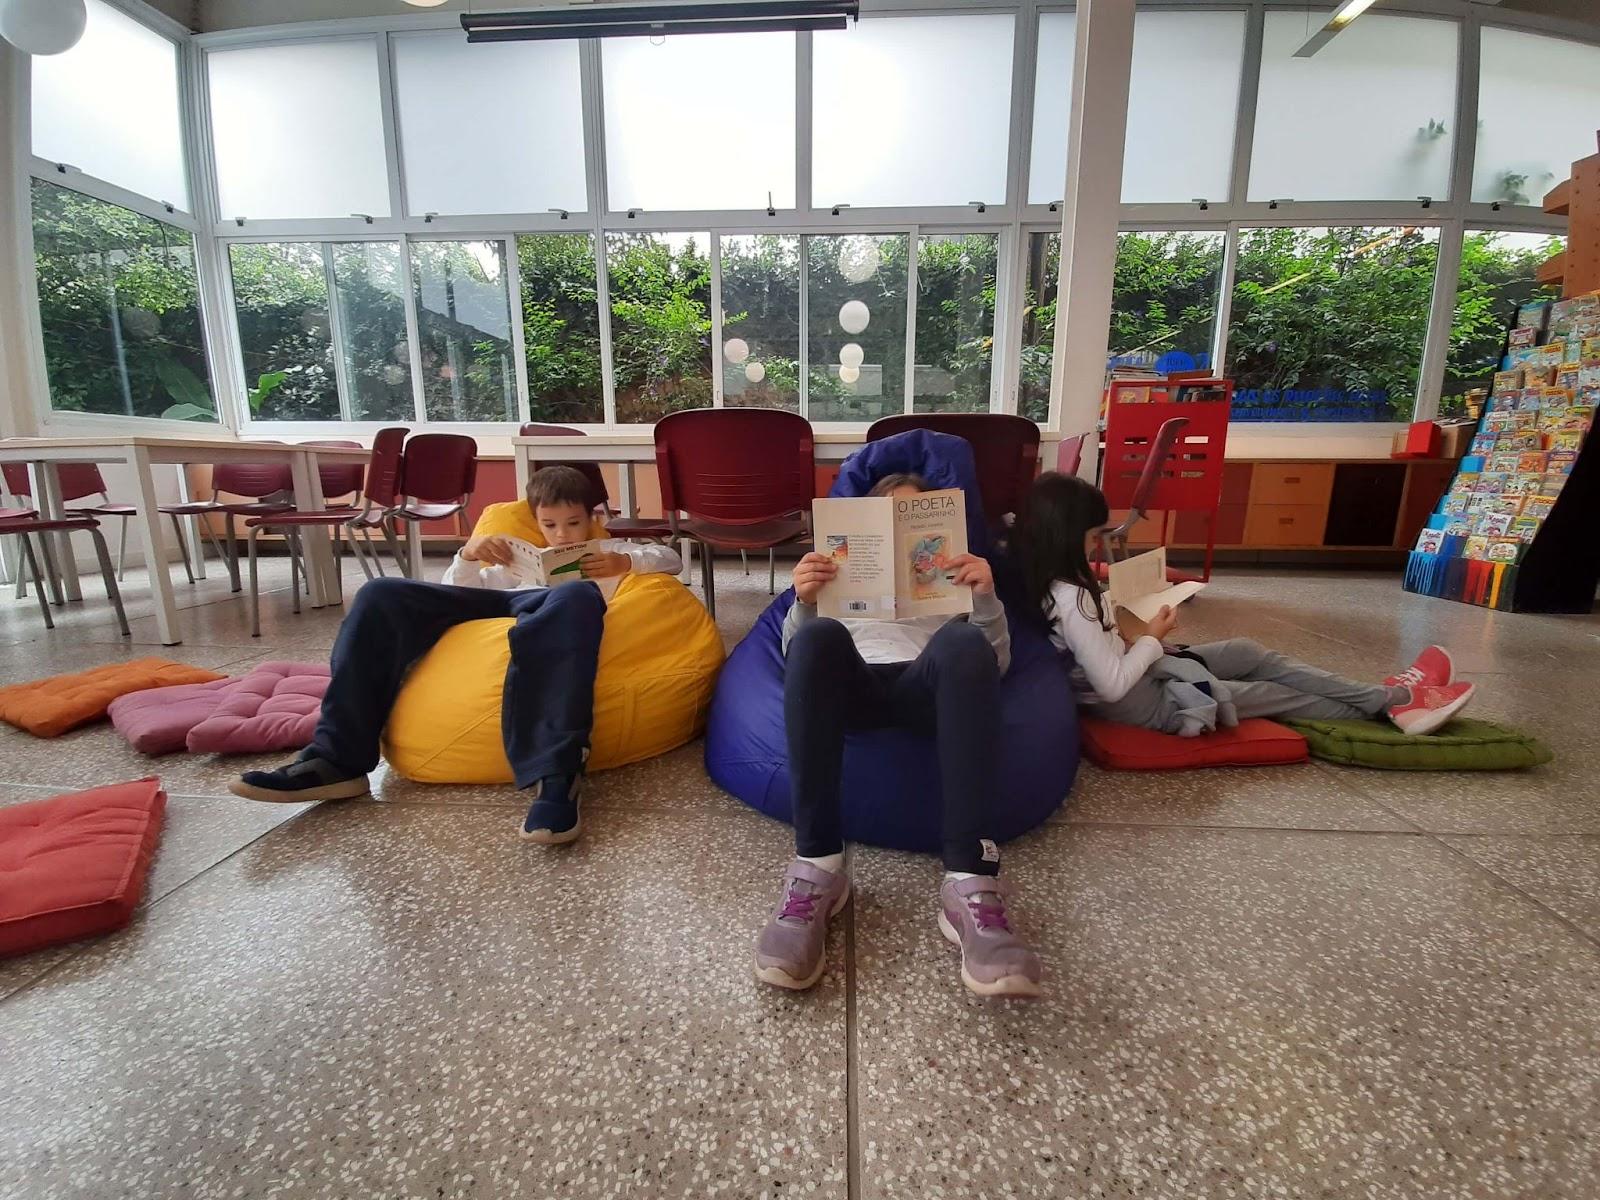 A imagem mostra três crianças sentadas em puffs coloridos lendo.